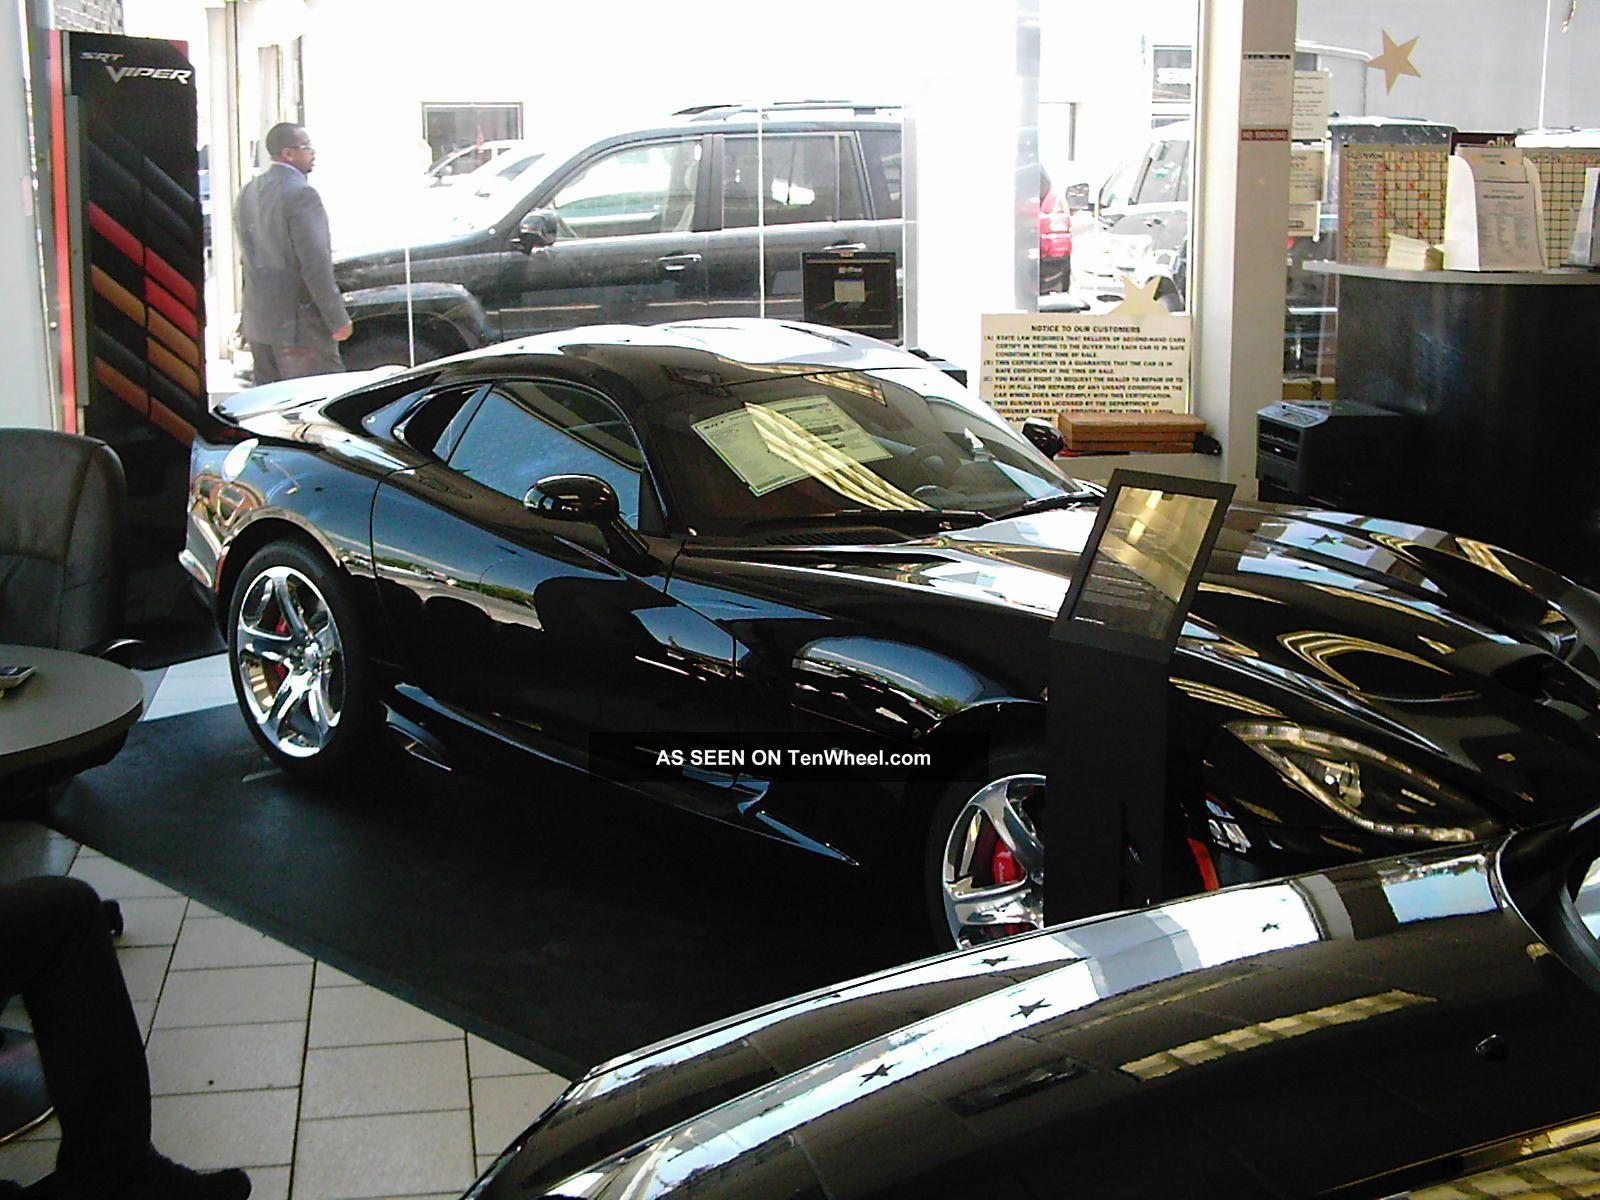 Vernom Black 2013 Dodge Viper Srt Gts Coupe Viper photo